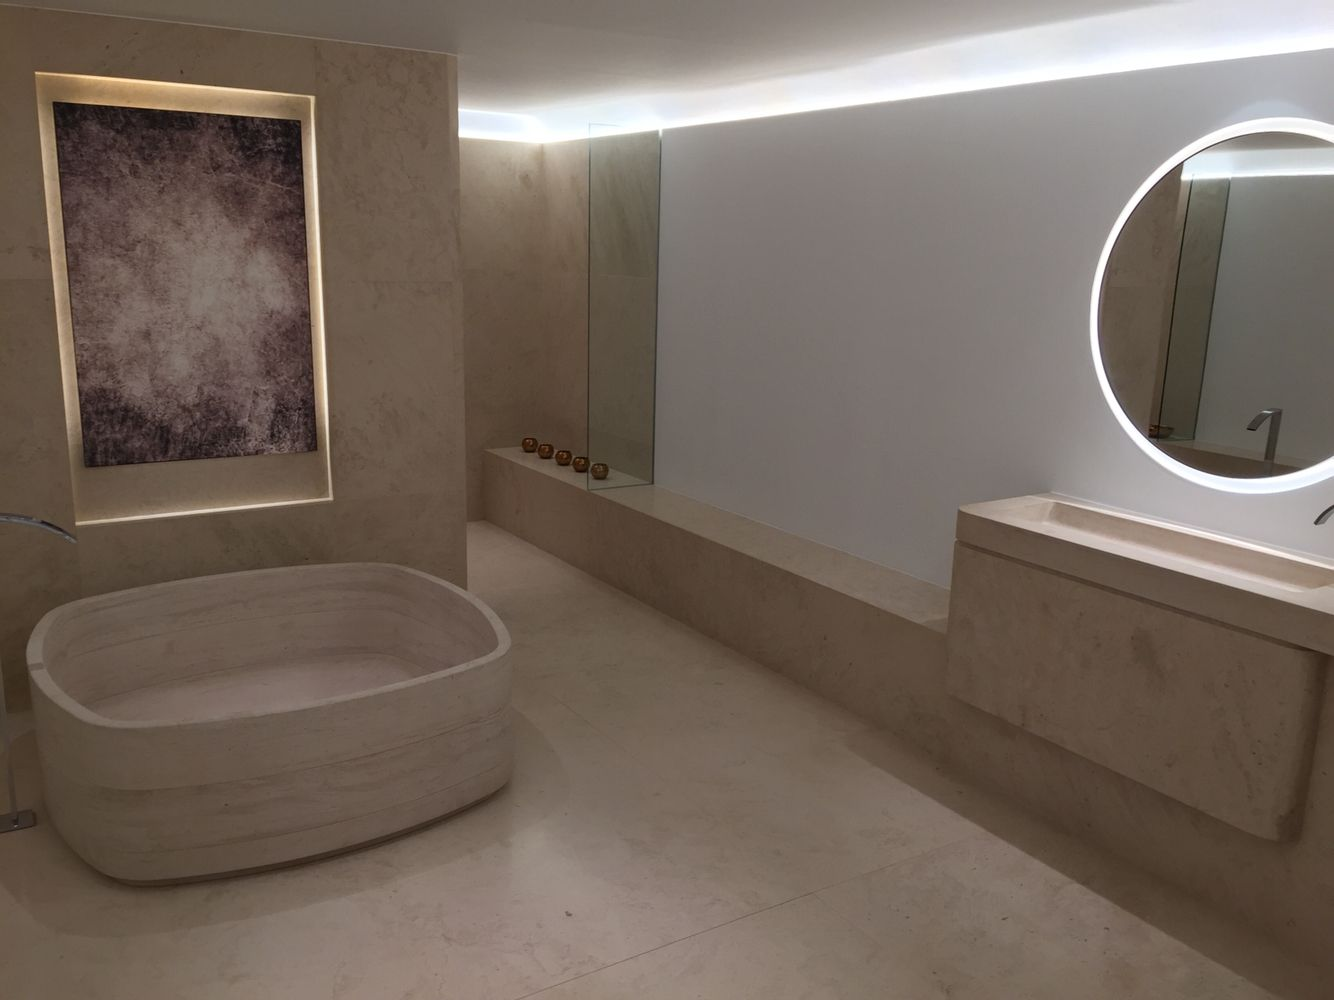 Piet Boon Badkamer : Natuursteen badkamer van piet boon in de porcelanosa showroom